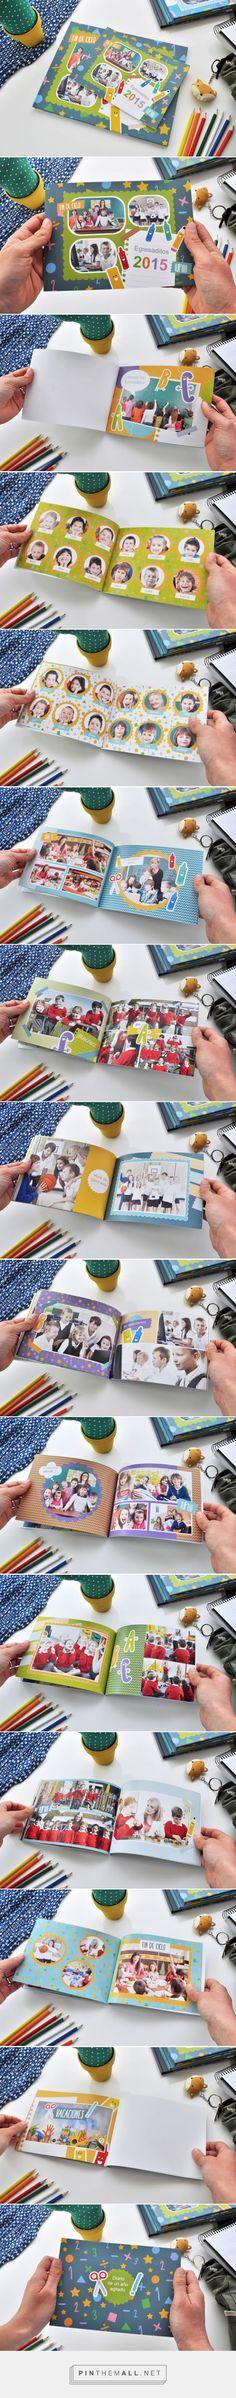 Anuario Días Fantásticos. Fotolibro 21 x 14,8 cm tapa blanda. Fotolibro para descargar gratis y completar con tus fotos! | Blog - Fábrica de Fotolibros